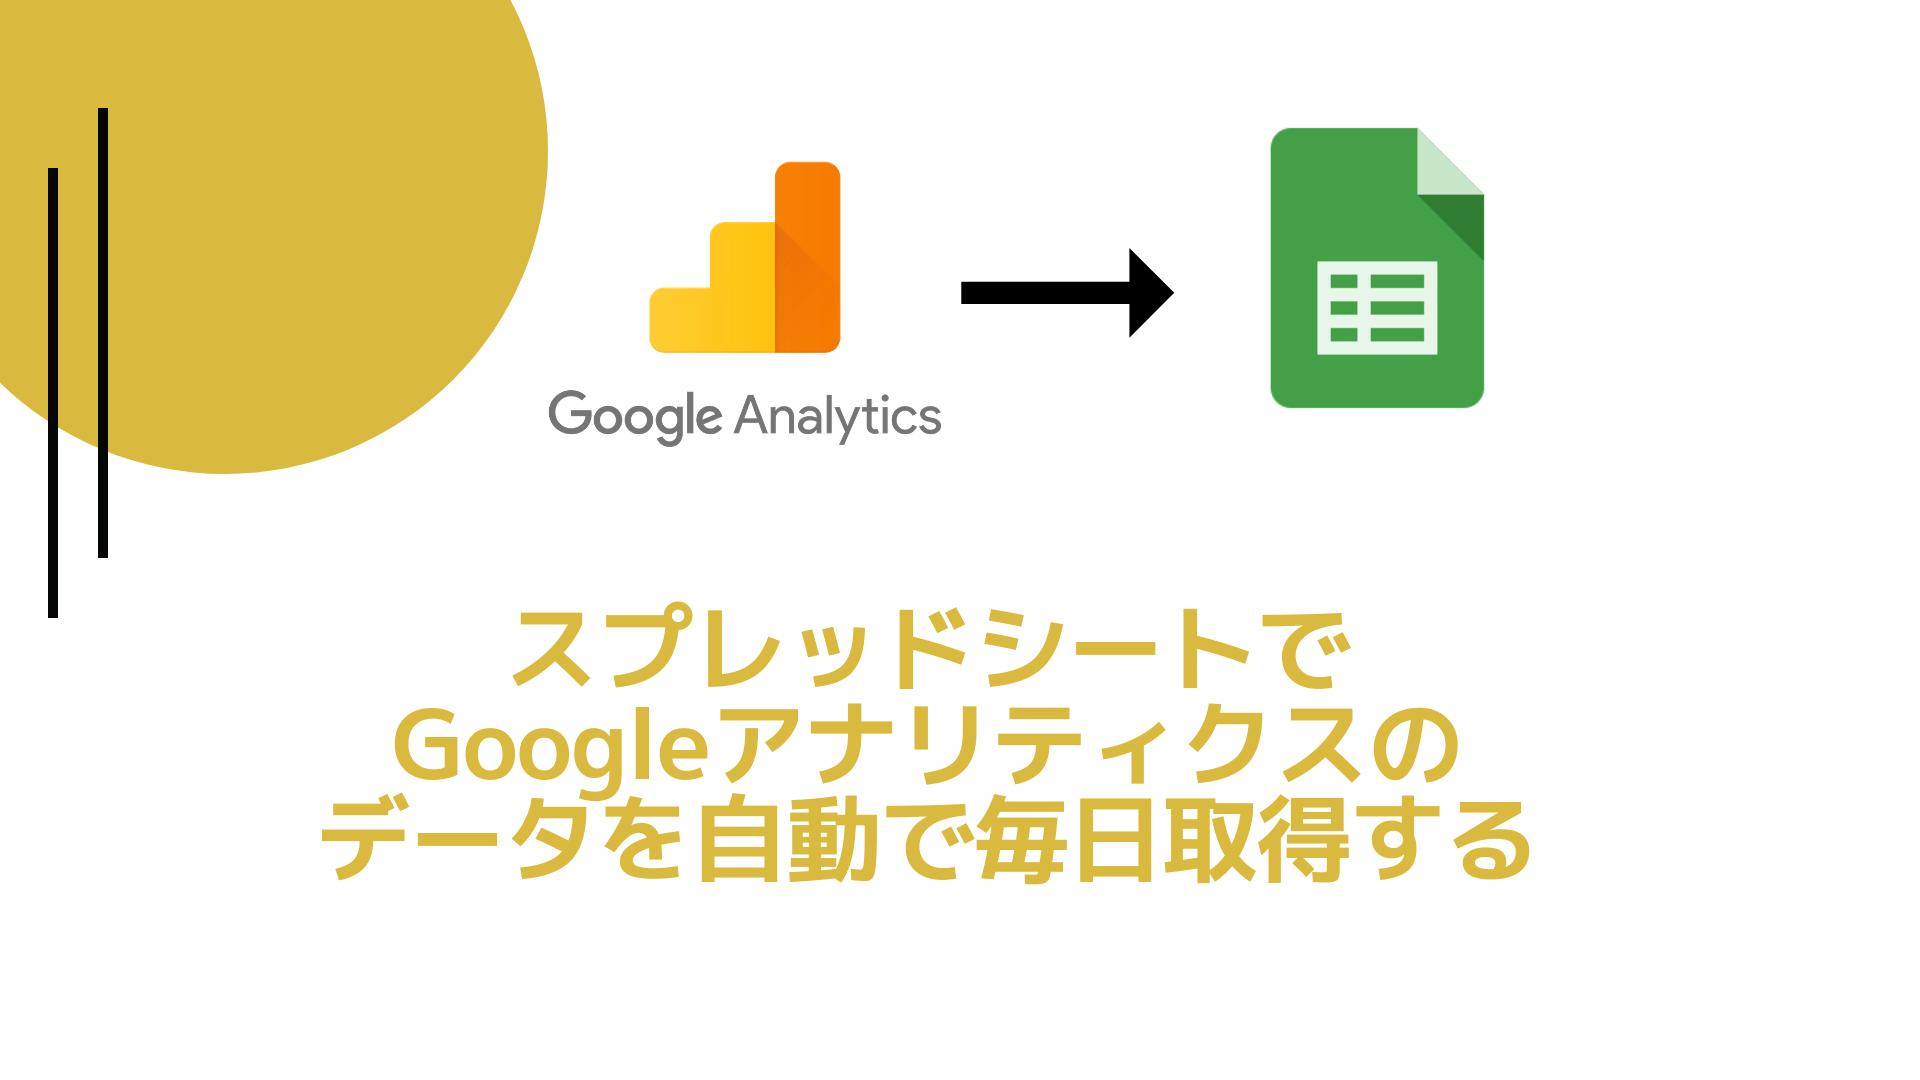 スプレッドシートでGoogleアナリティクスのデータを自動で毎日取得する